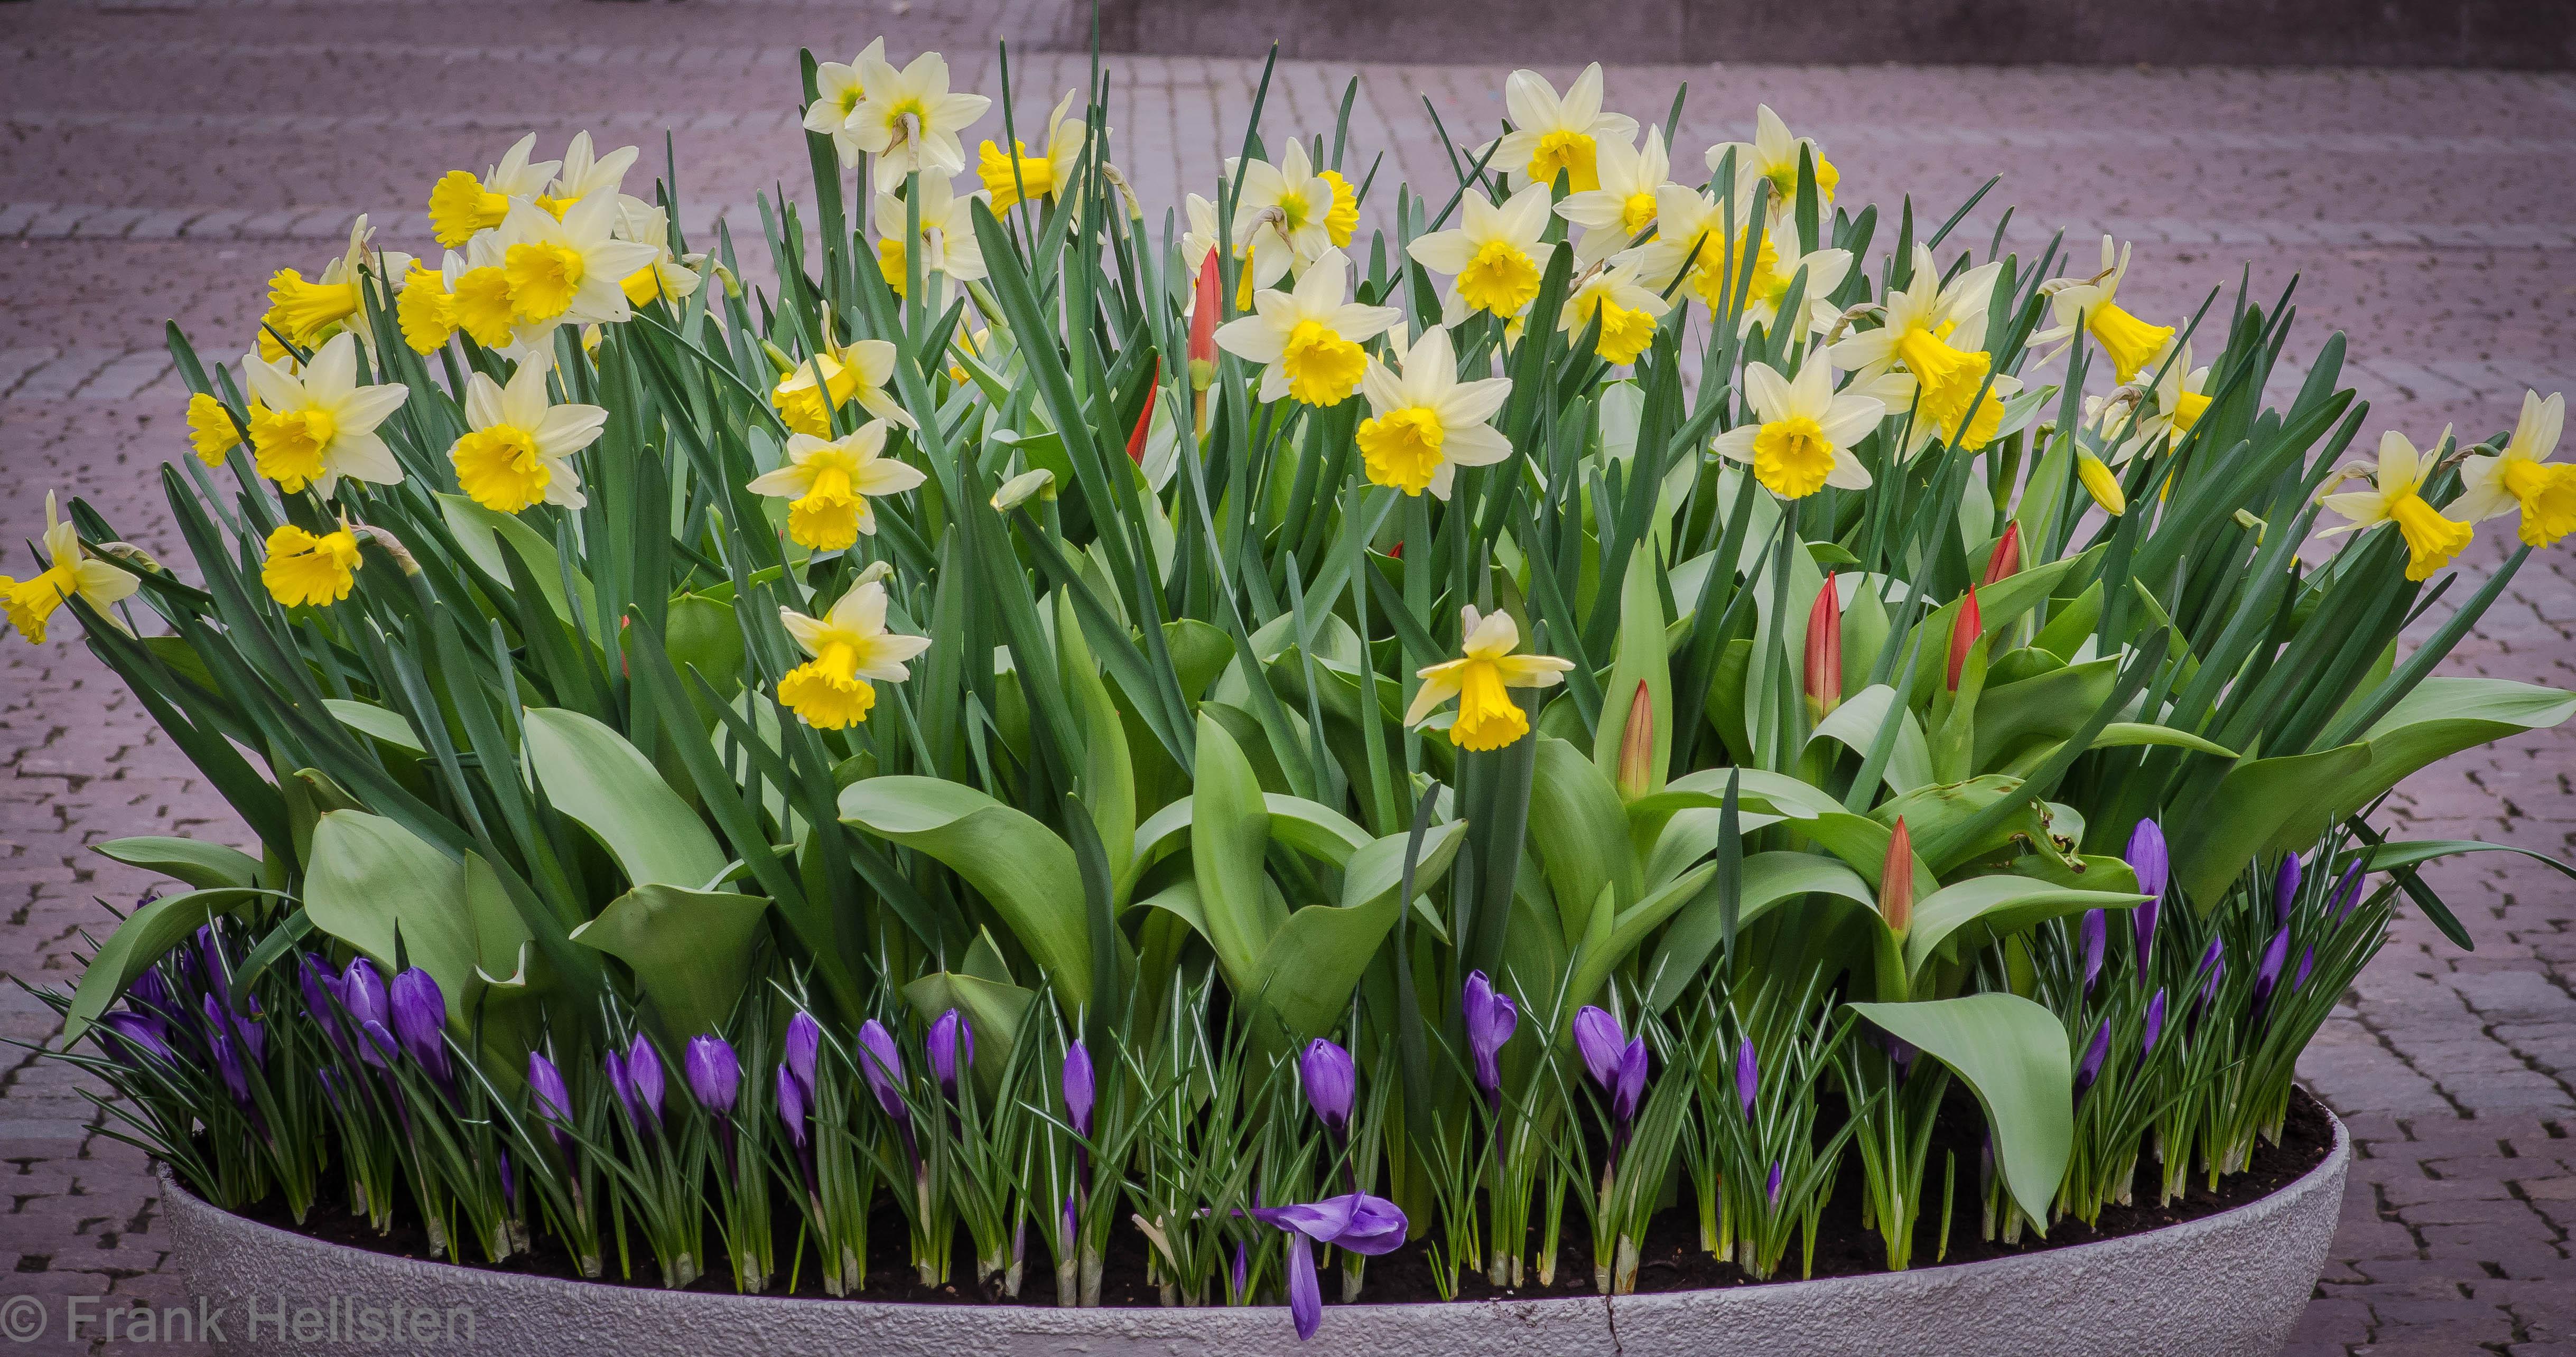 много клумбы с тюльпанами и нарциссами фото оттенок прекрасно